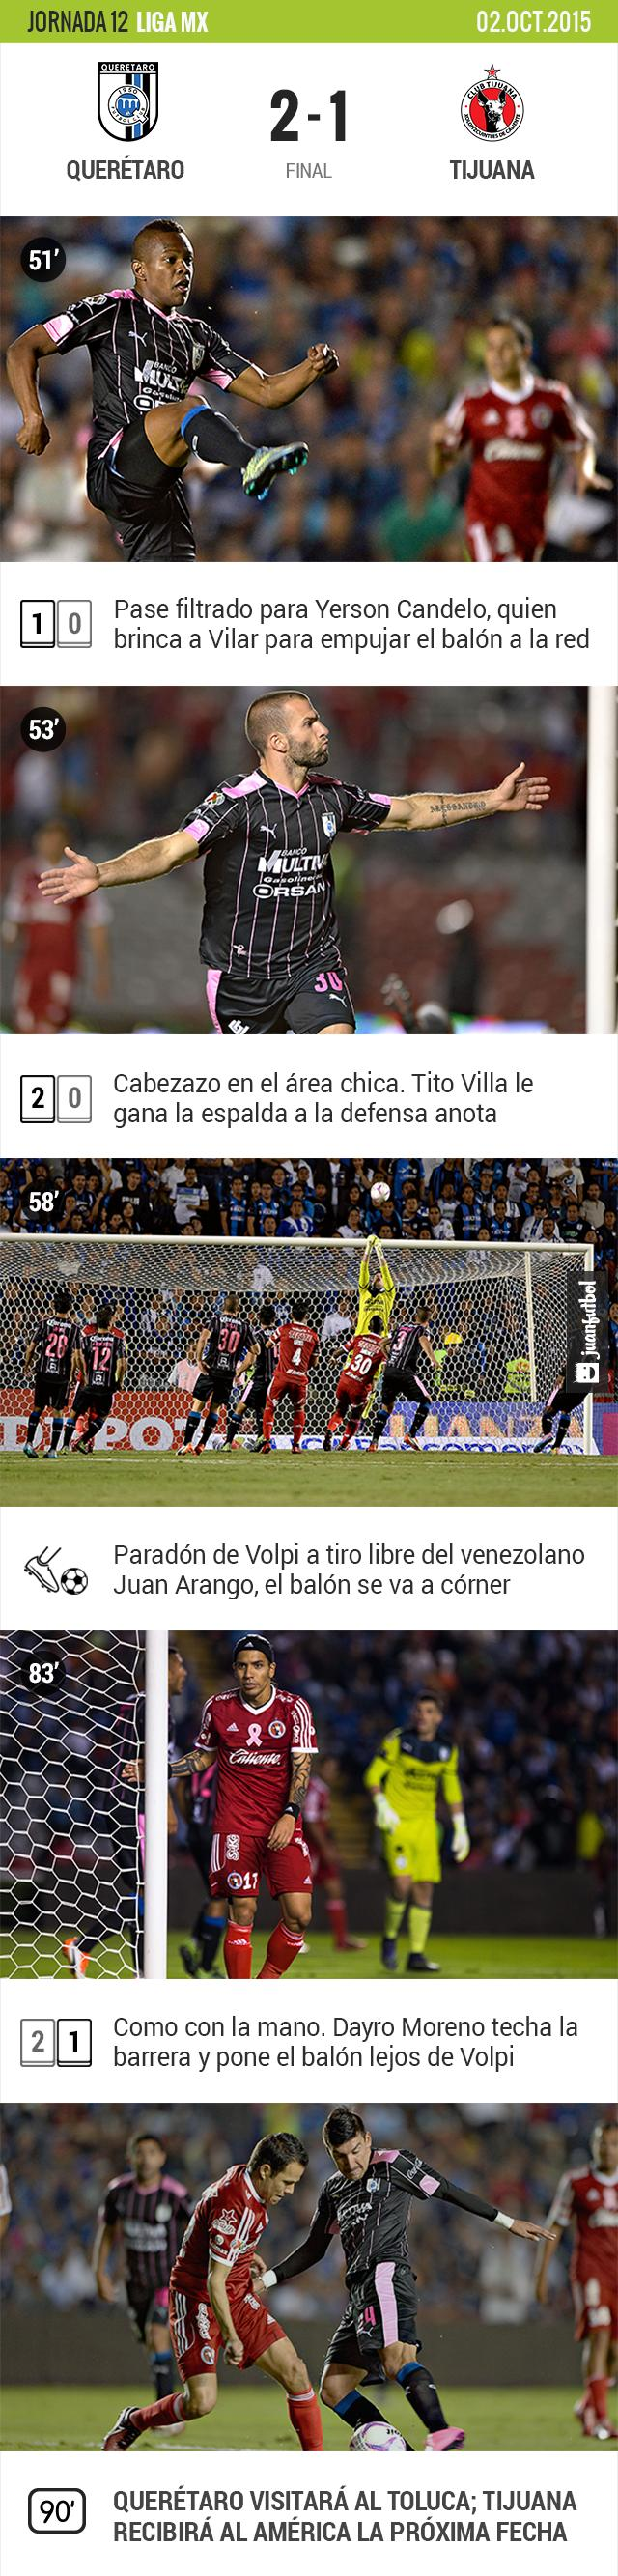 Querétaro 2-1 Tijuana